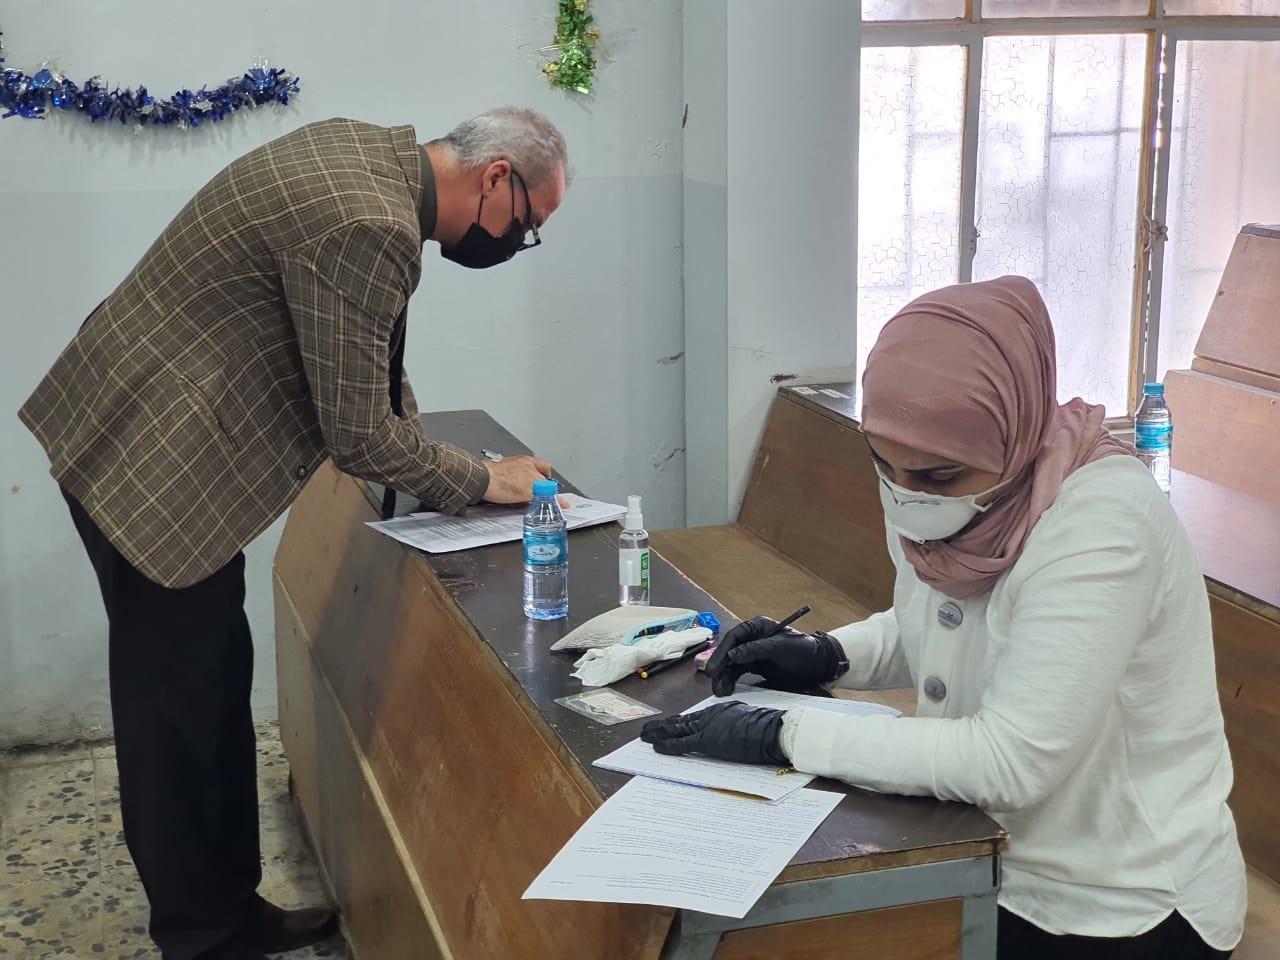 زيارة الفريق الميداني المكلف من قبل الفريق الوزاري لمتابعة سير العملية الإمتحانية